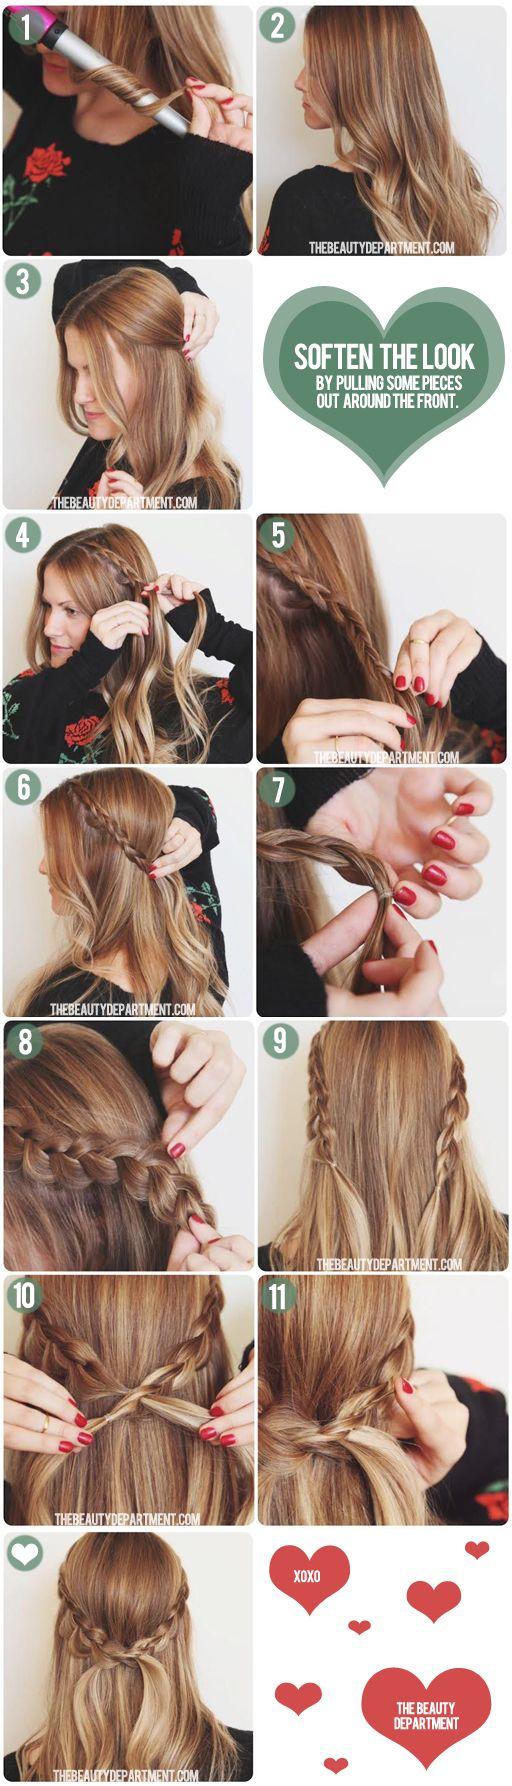 Confira quatro penteados de festa para fazer sozinha | Blog do Casamento - O blog da noiva criativa! | Cabelo e maquiagem, Moda e beleza